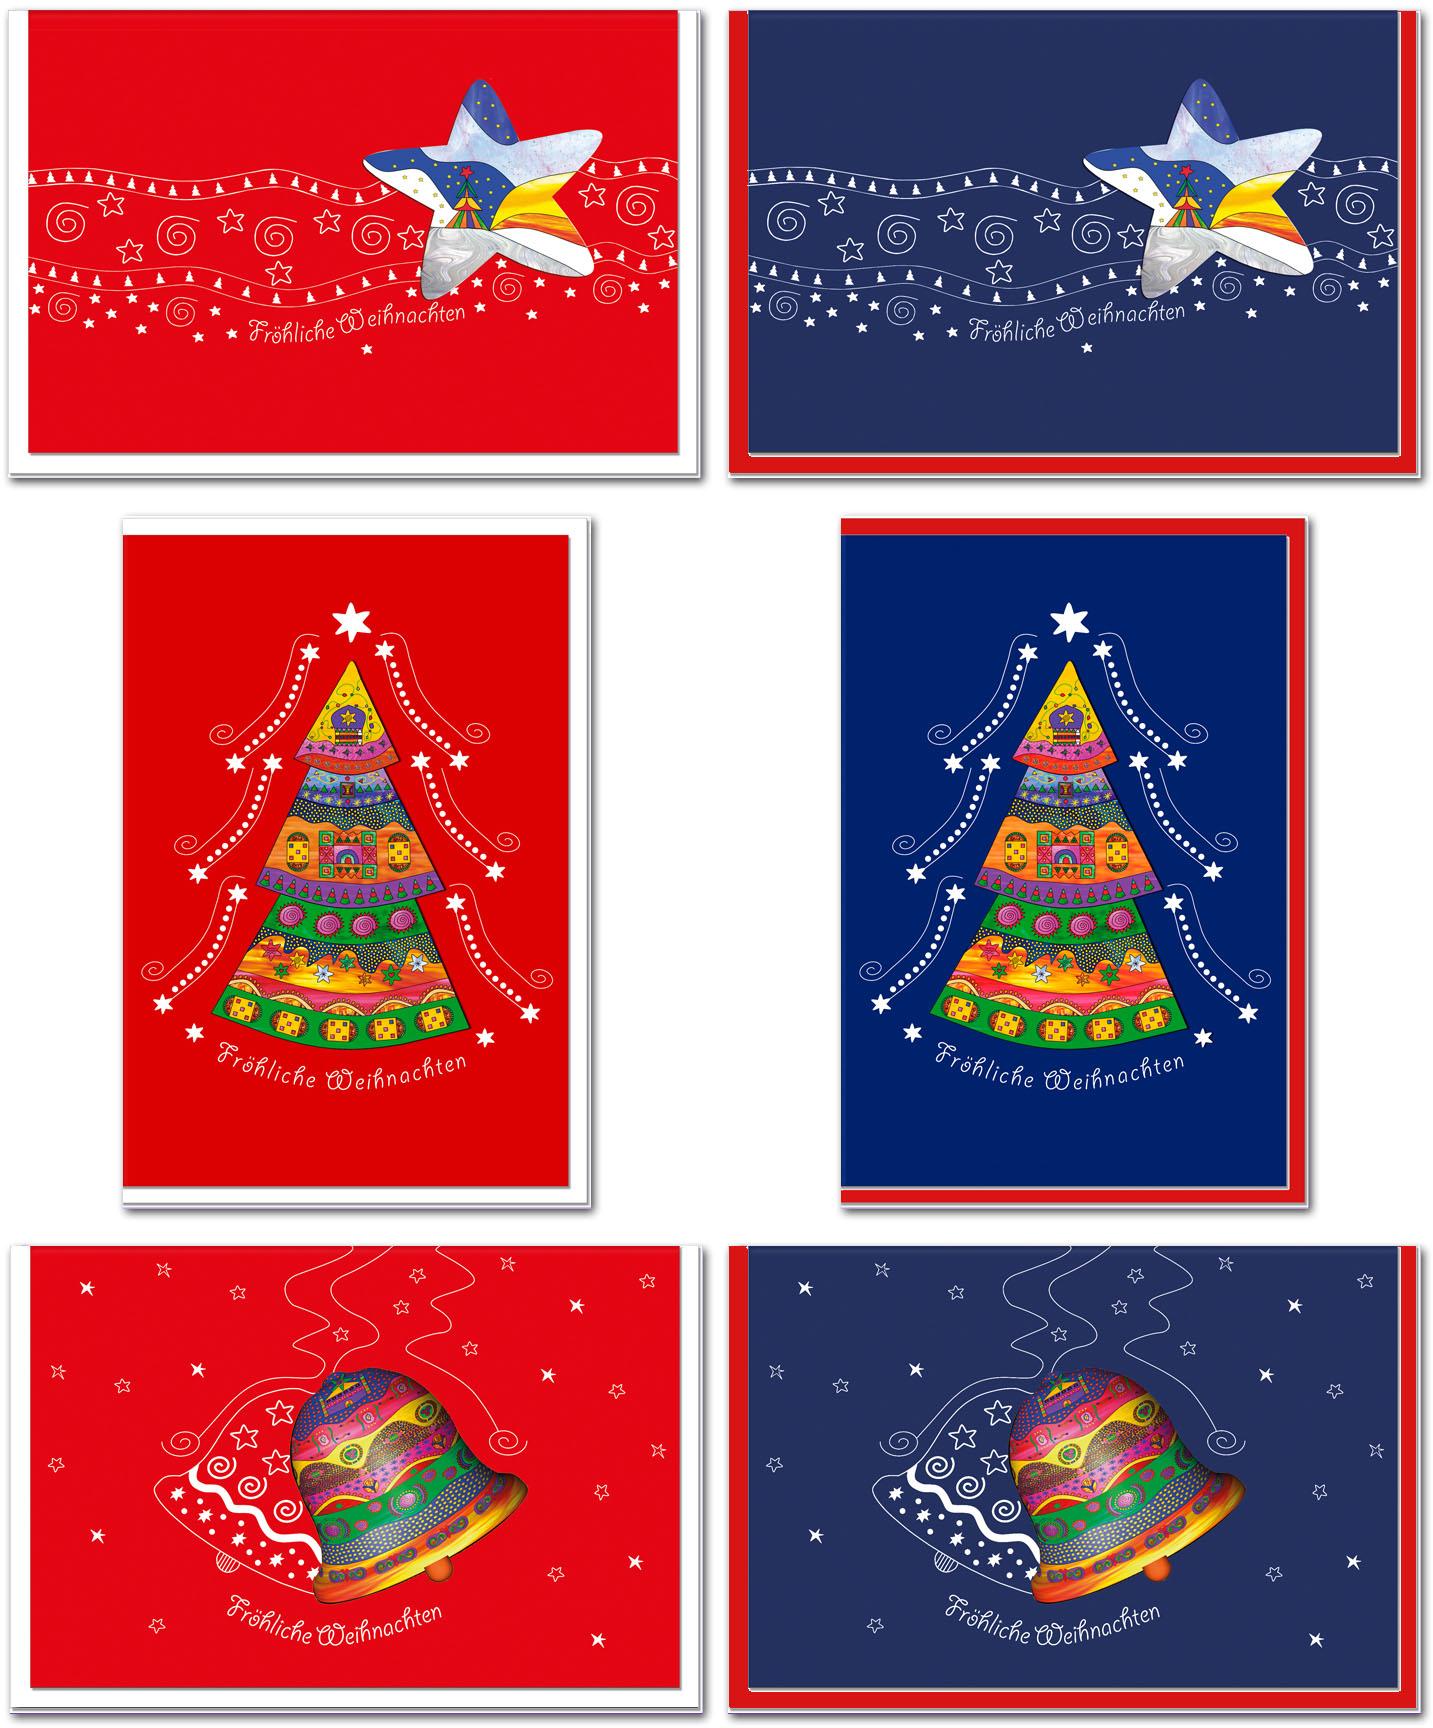 Weihnachtskarten / Grußkarten /Weihnachten Baumschmuck